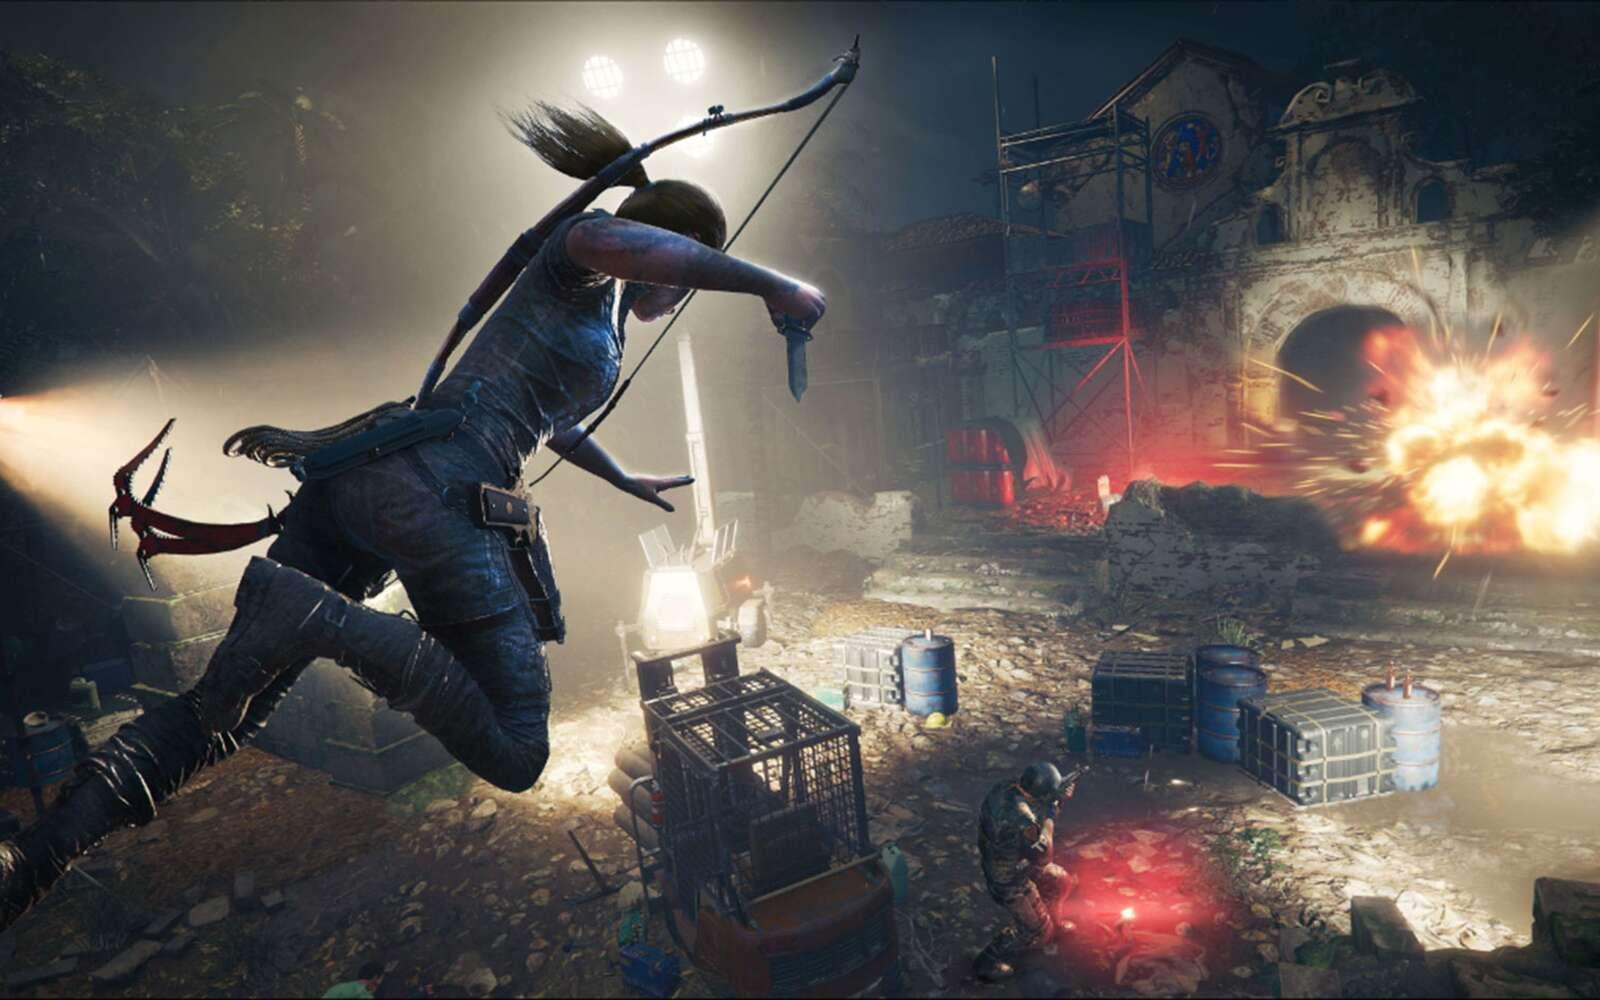 Futura et Lara Croft vous présentent les meilleurs jeux d'aventure sur PC ! © Square Enix